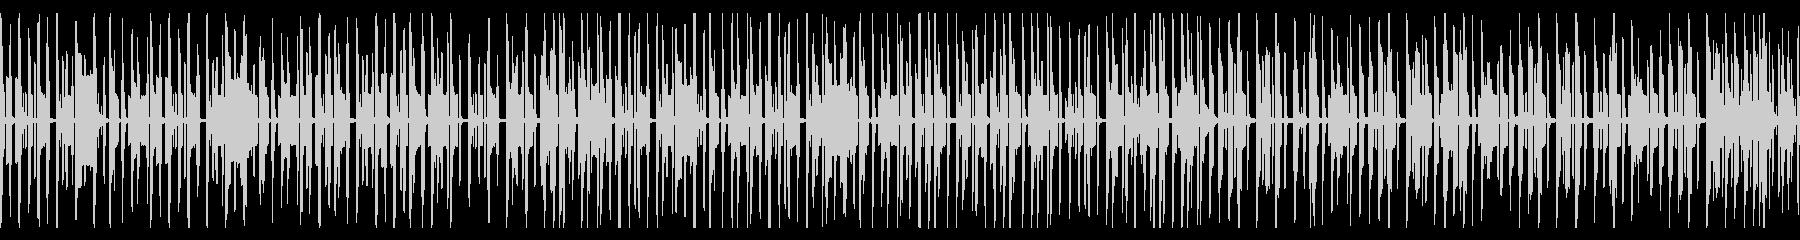 動画向け ゆるい雰囲気のピコピコ脱力系の未再生の波形